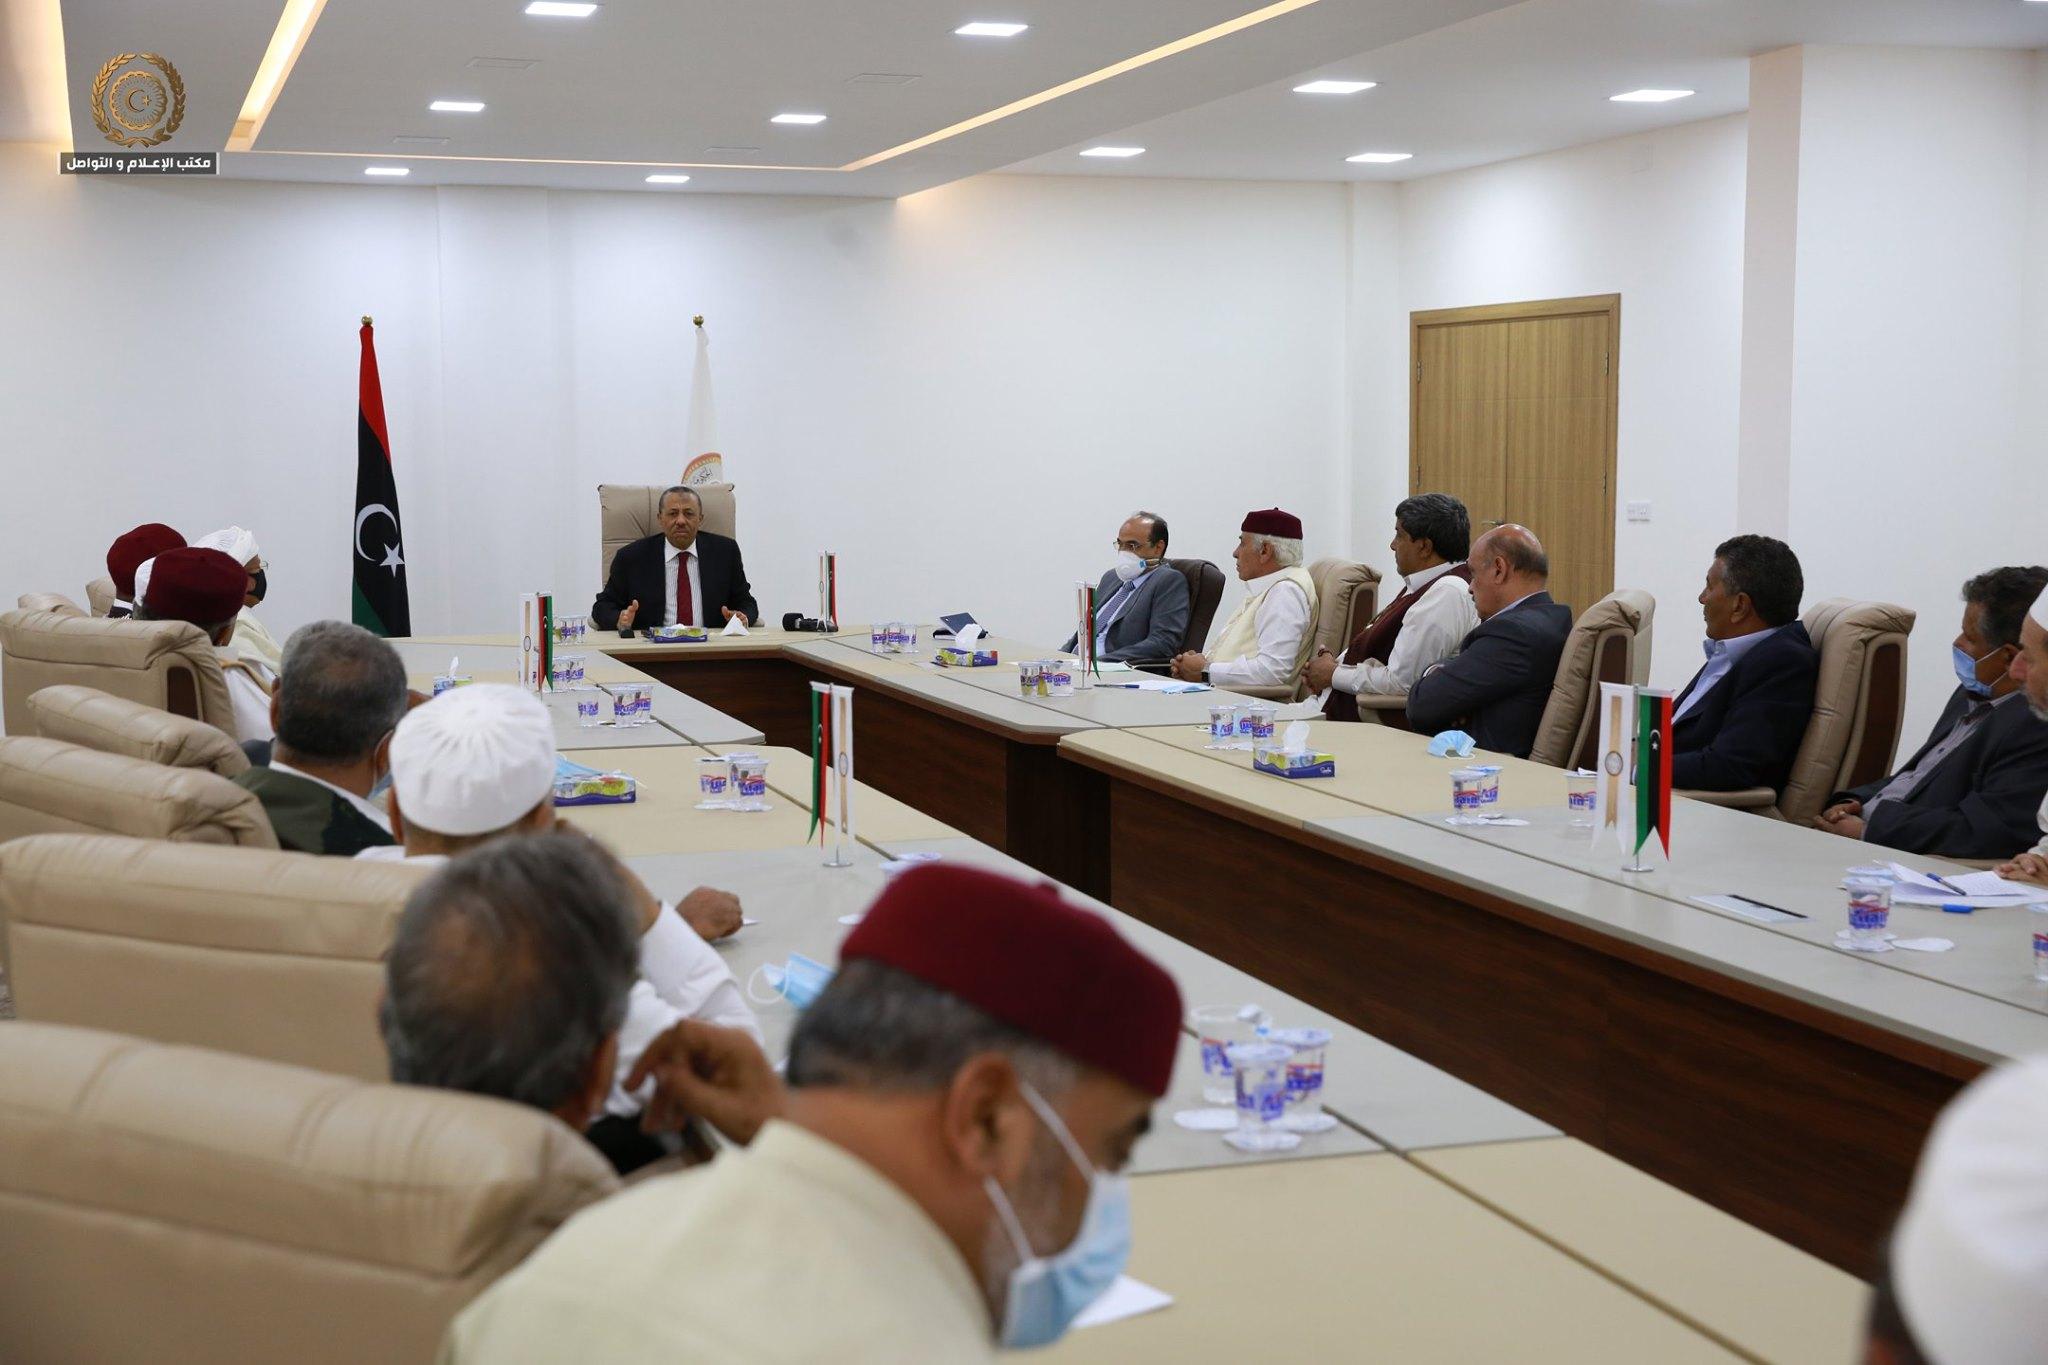 عبدالله الثني يلتقي أعيان وحكماء بنغازي لتوضيح أسباب استقالة الحكومة